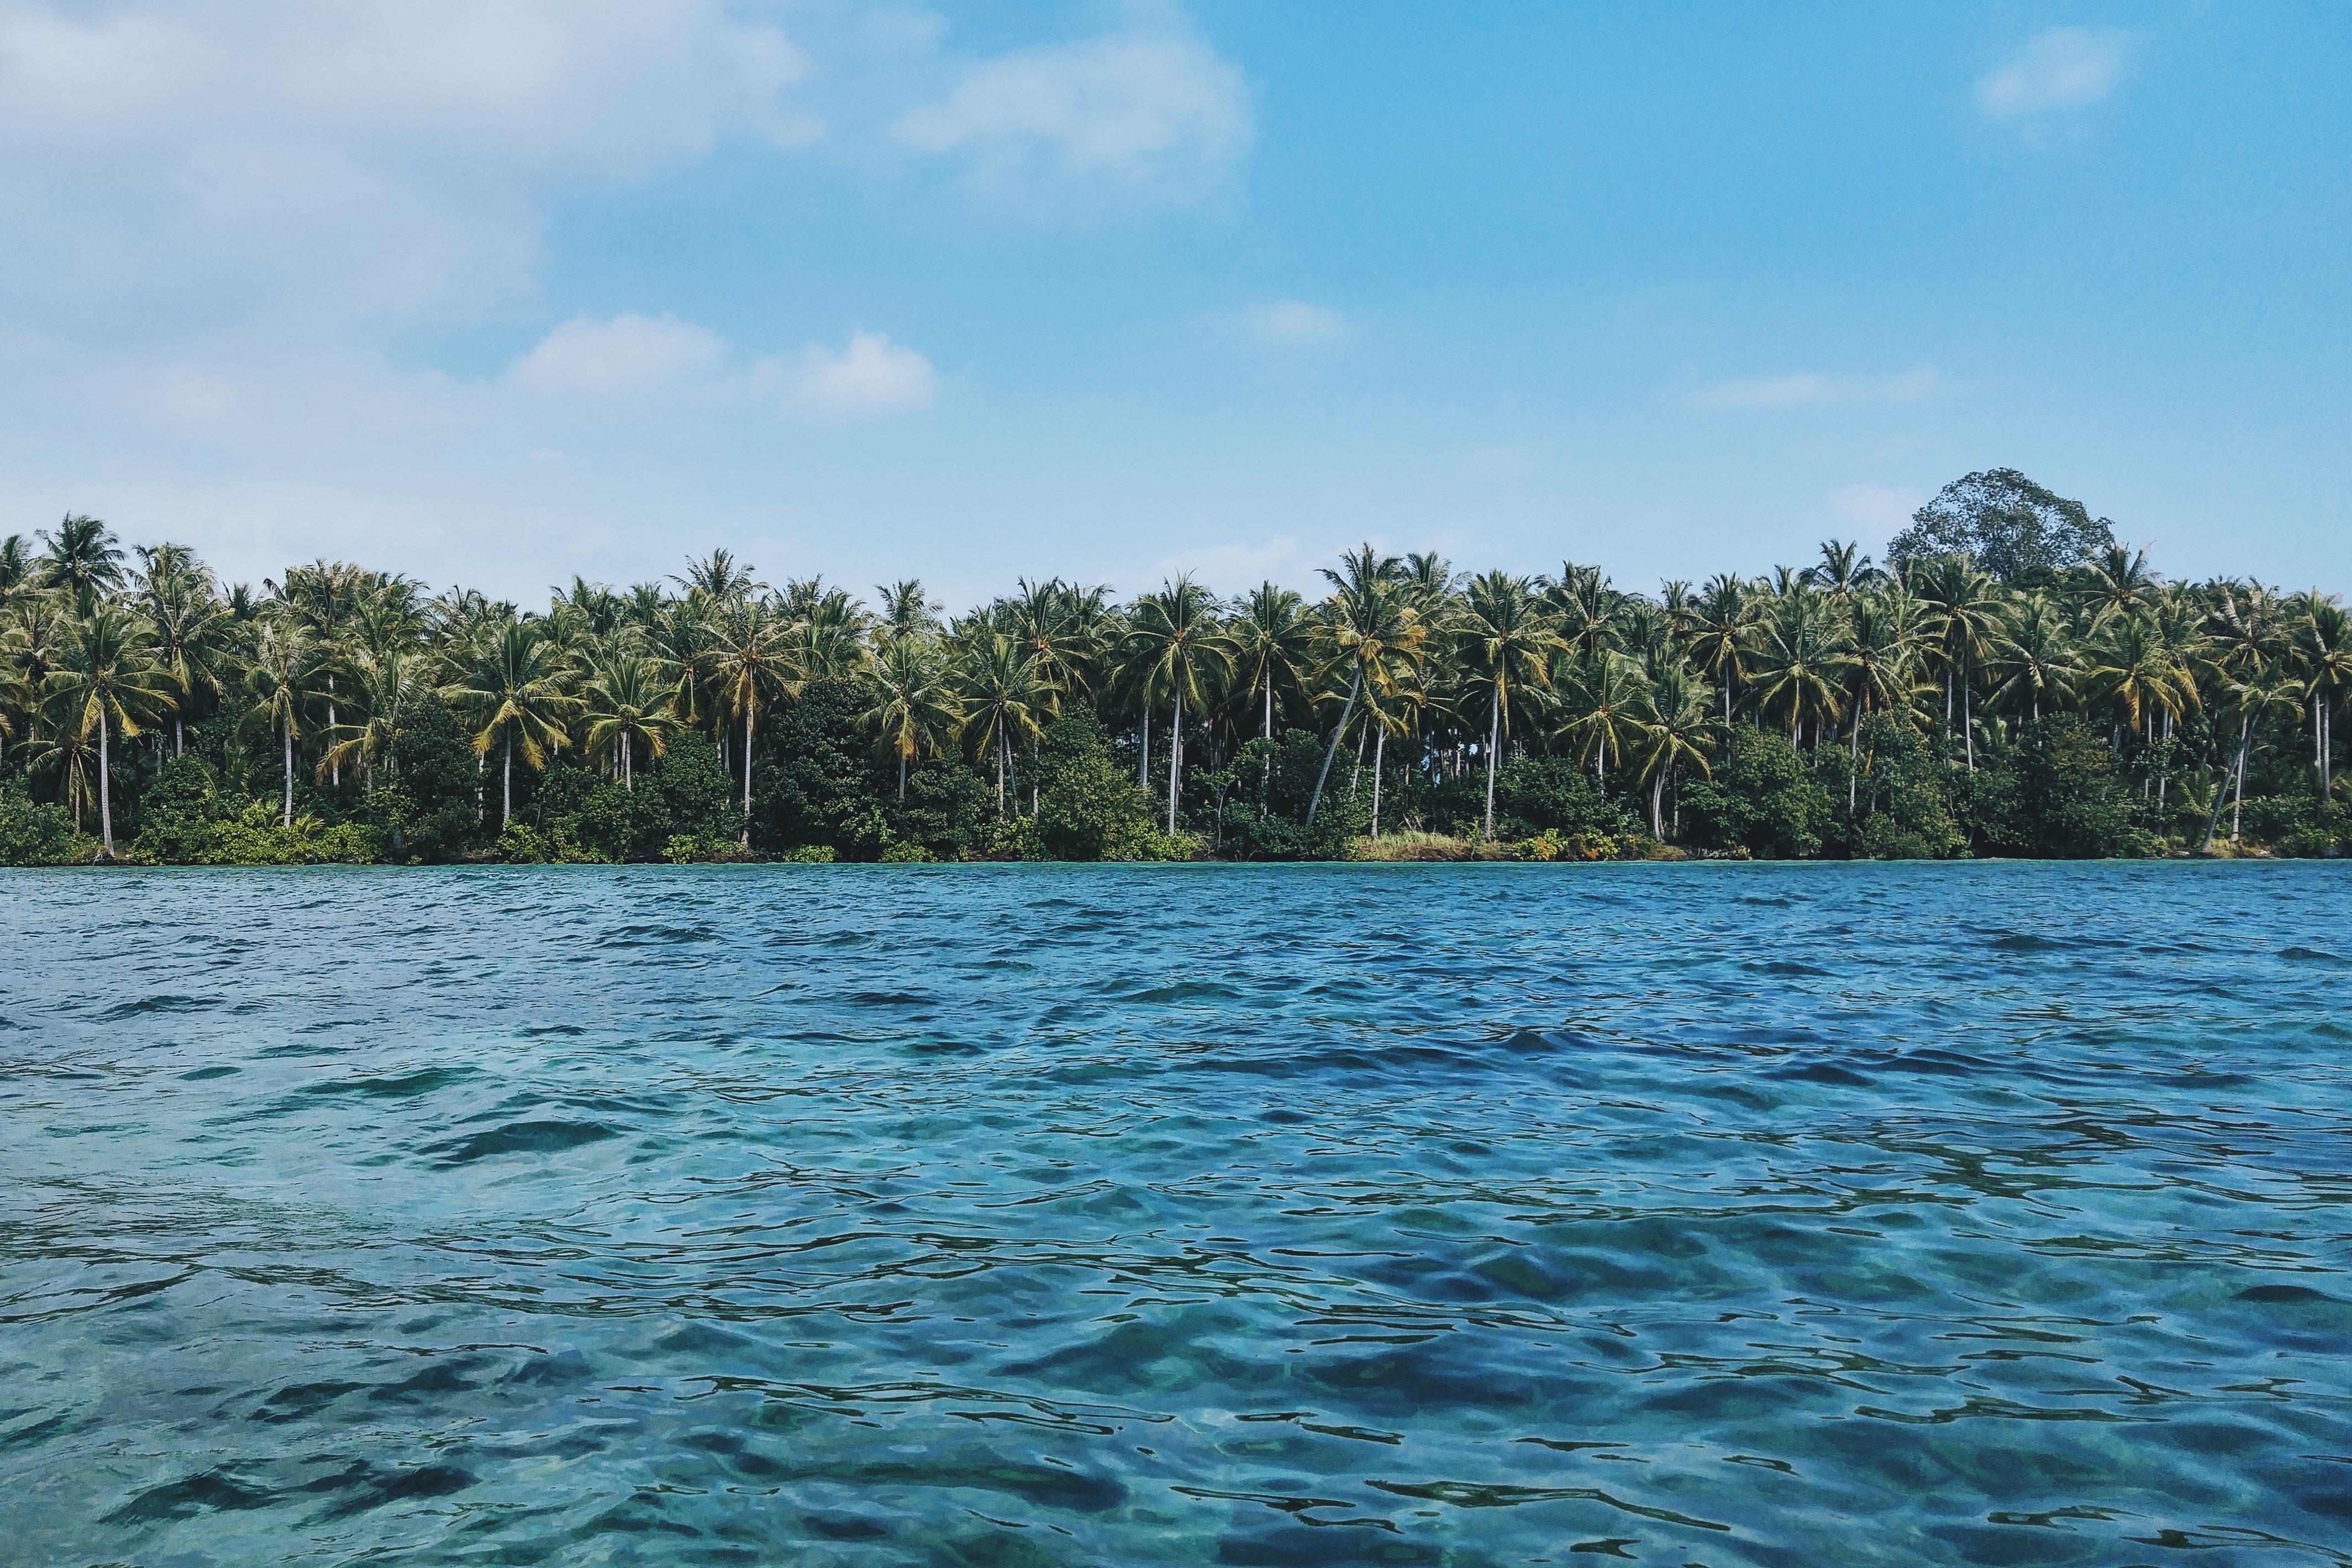 sea free images, public domain images